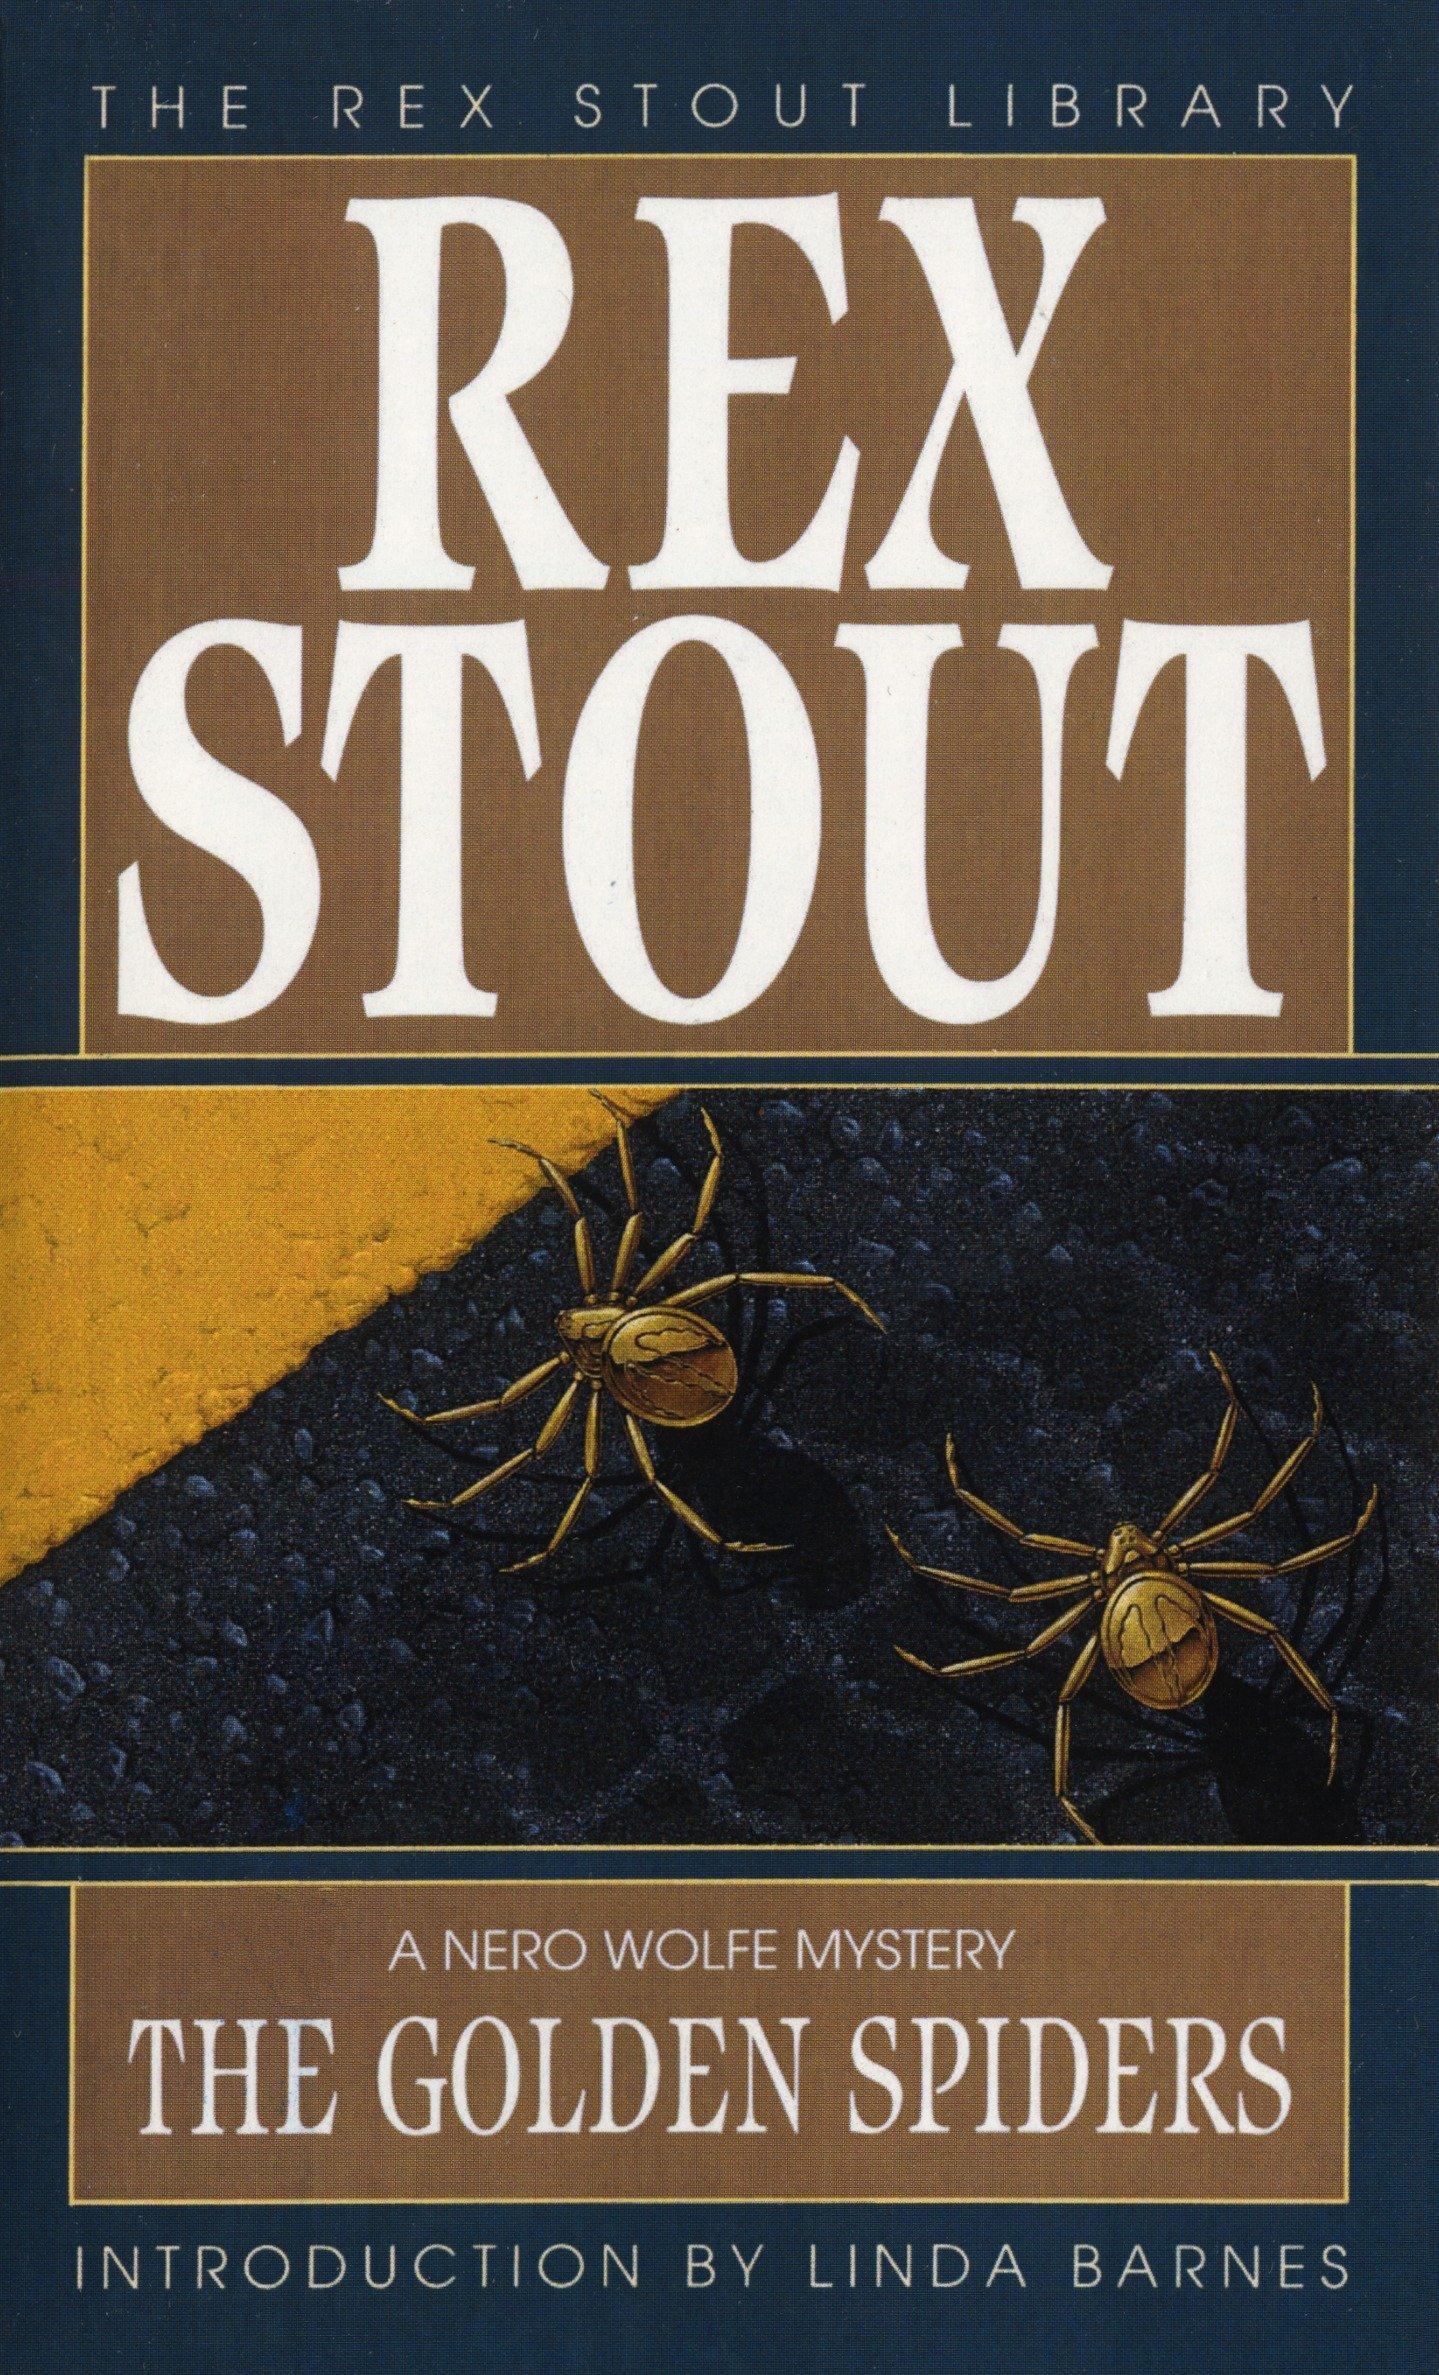 Golden Spiders  Rex Stout  Taschenbuch  Englisch  1995